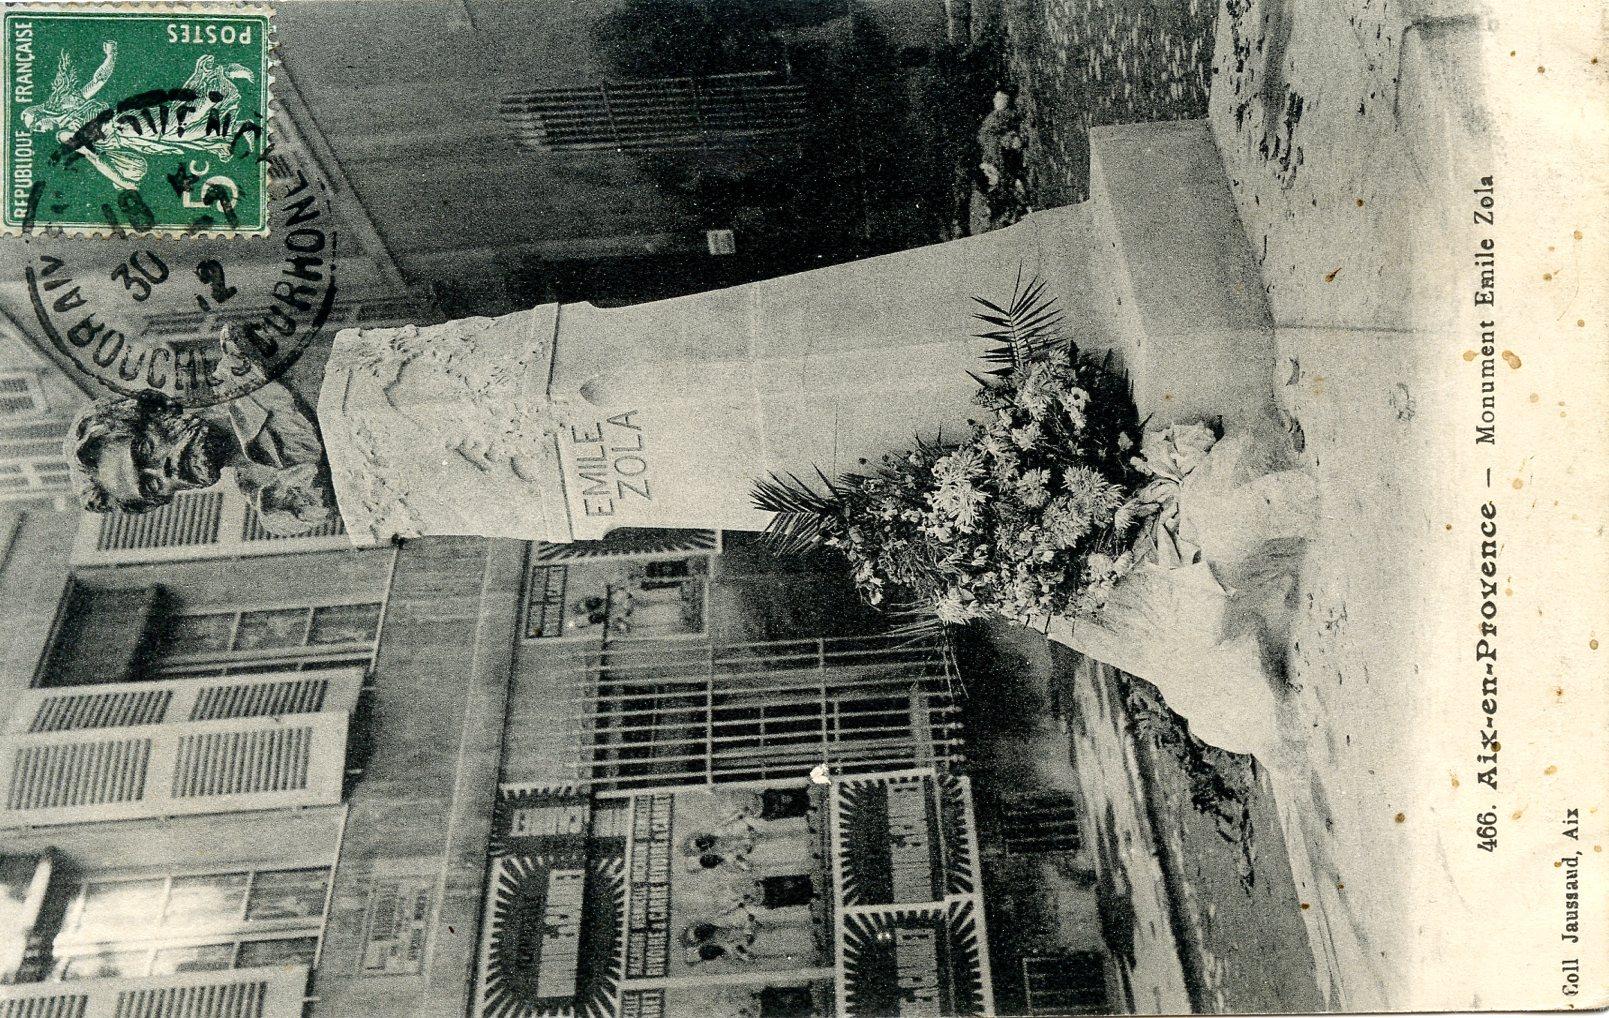 Image - Monument Emile Zola, Aix-en-Provence